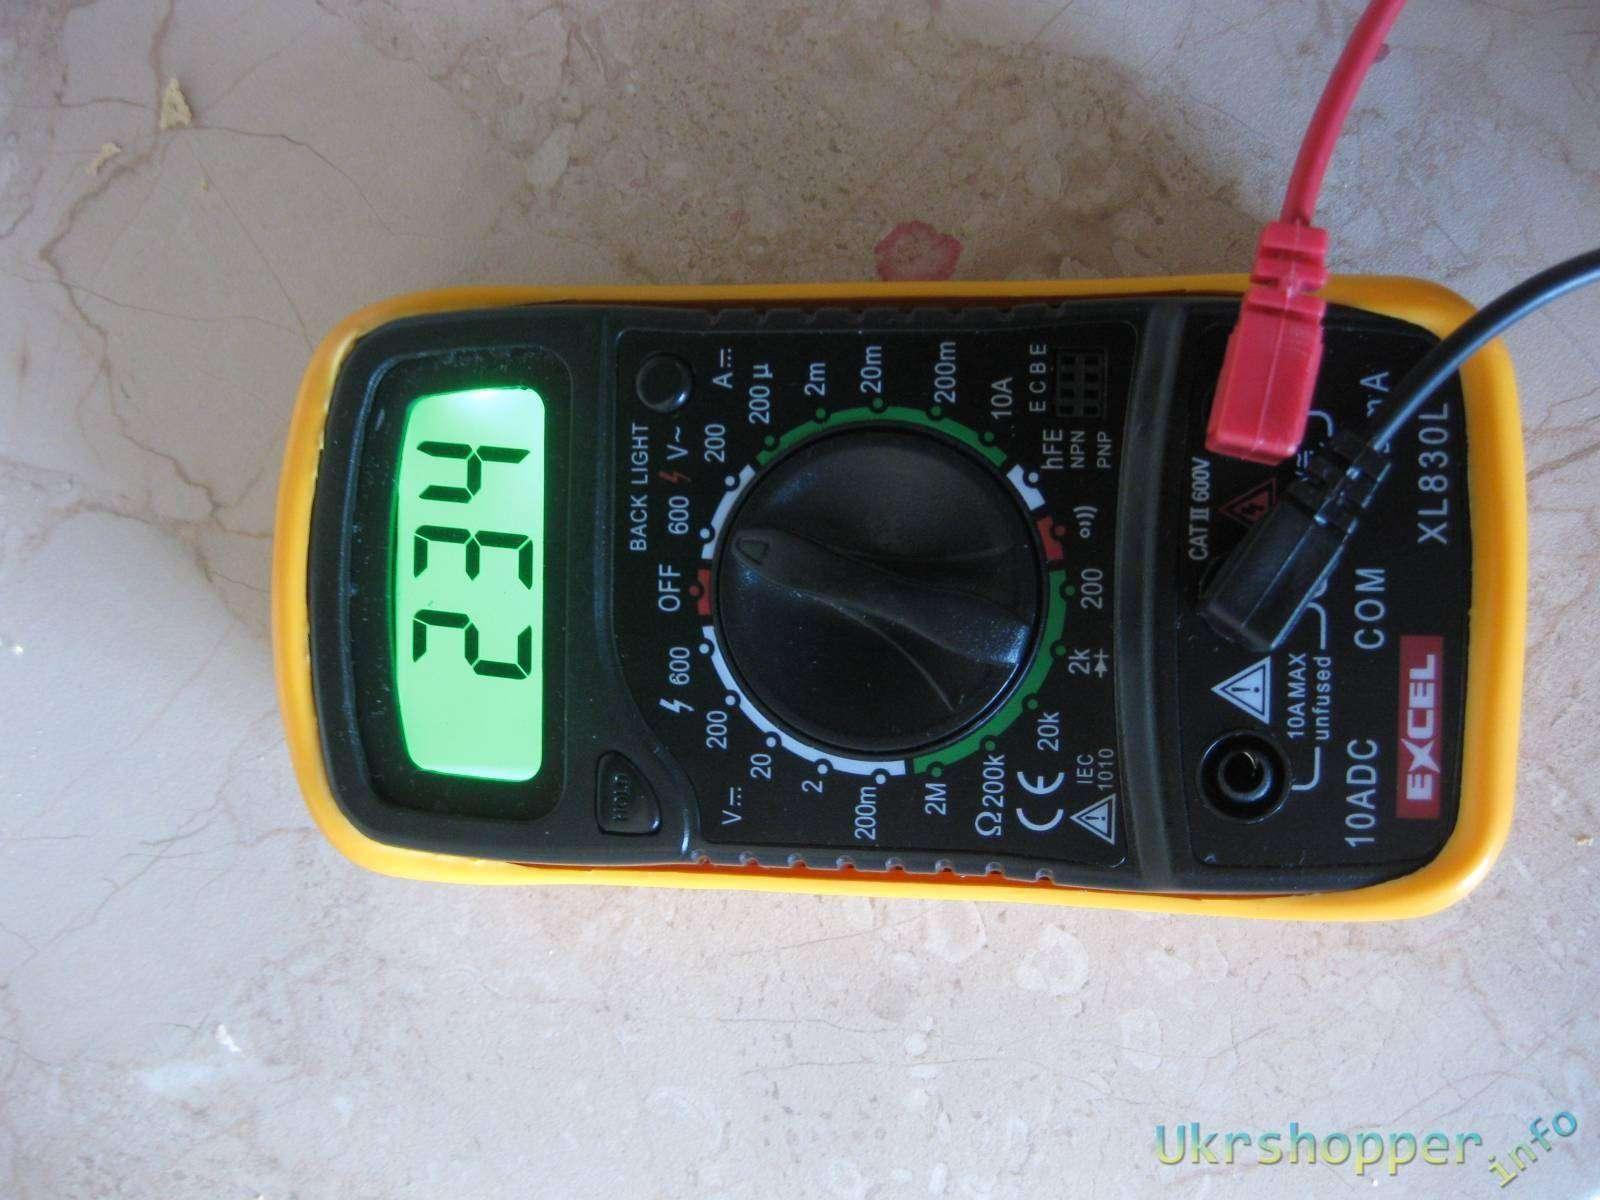 Tmart: Мультиметр Excel XL830L